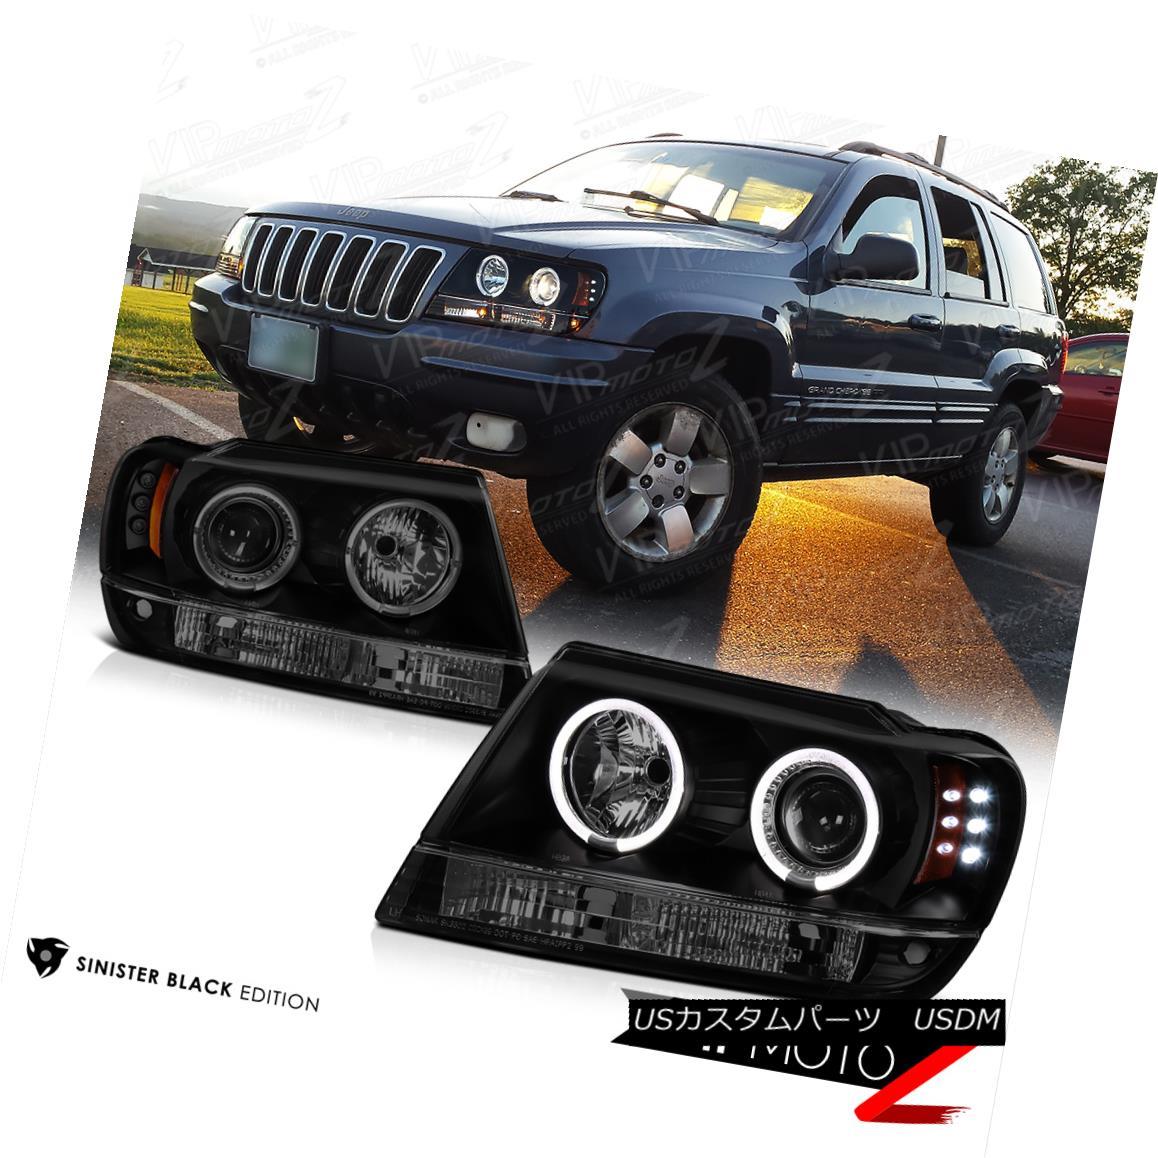 ヘッドライト [LIMITED SINISTER BLACK] 1999-2004 Jeep Grand Cherokee WJ WG Halo LED Headlights [LIMITED SINISTER BLACK] 1999-2004ジープ・グランド・チェロキーWJ WG Halo LEDヘッドライト